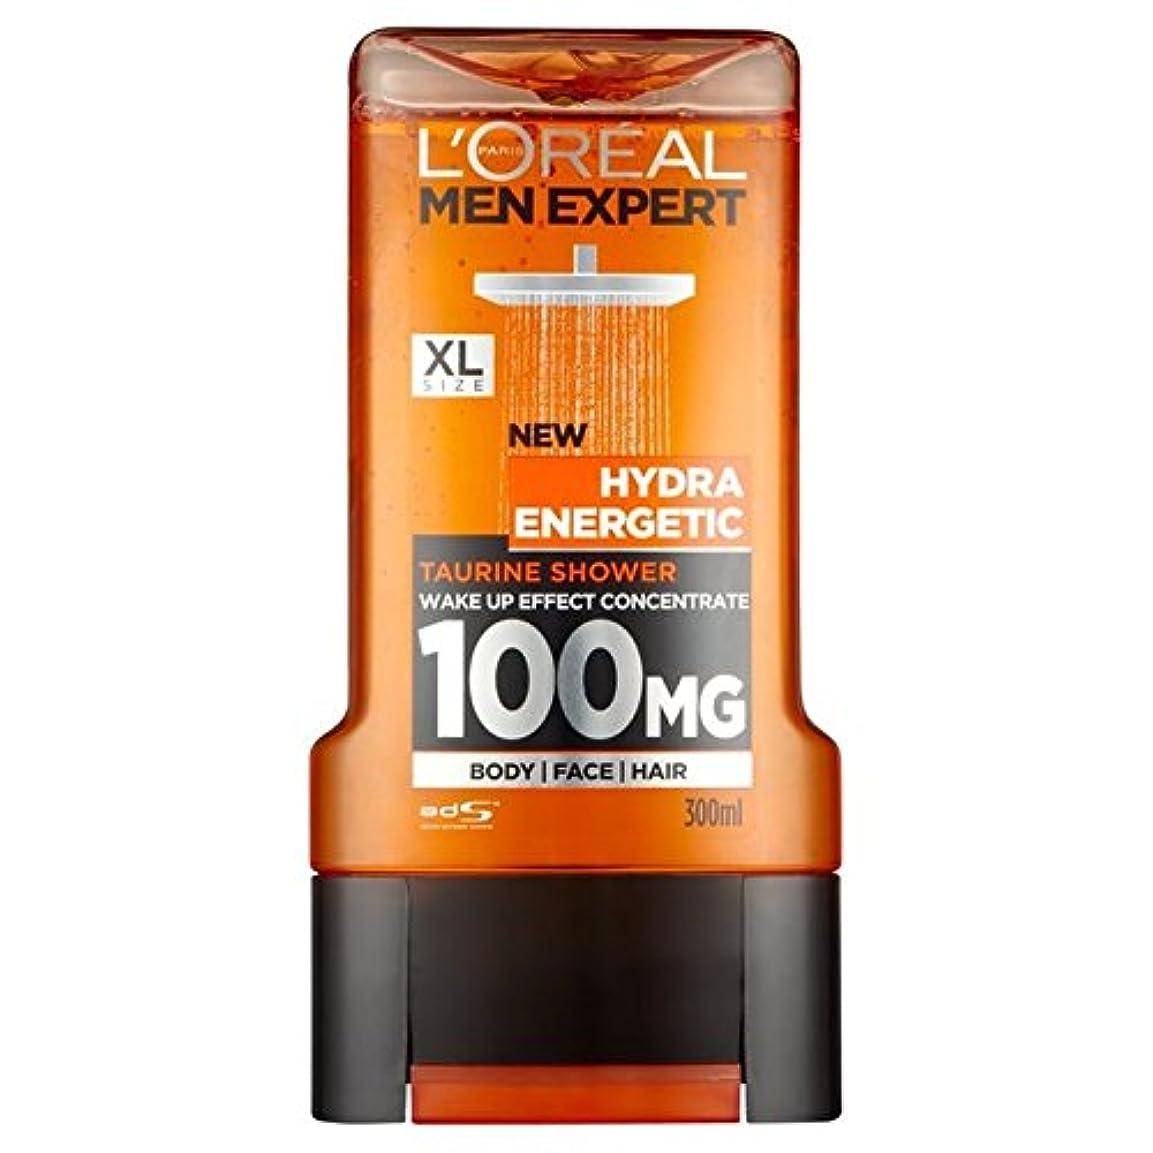 プランテーションハプニング極めて重要なL'Oreal Paris Men Expert Hydra Energetic Shower Gel 300ml - ロレアルパリのメンズ専門家ヒドラエネルギッシュなシャワージェル300ミリリットル [並行輸入品]